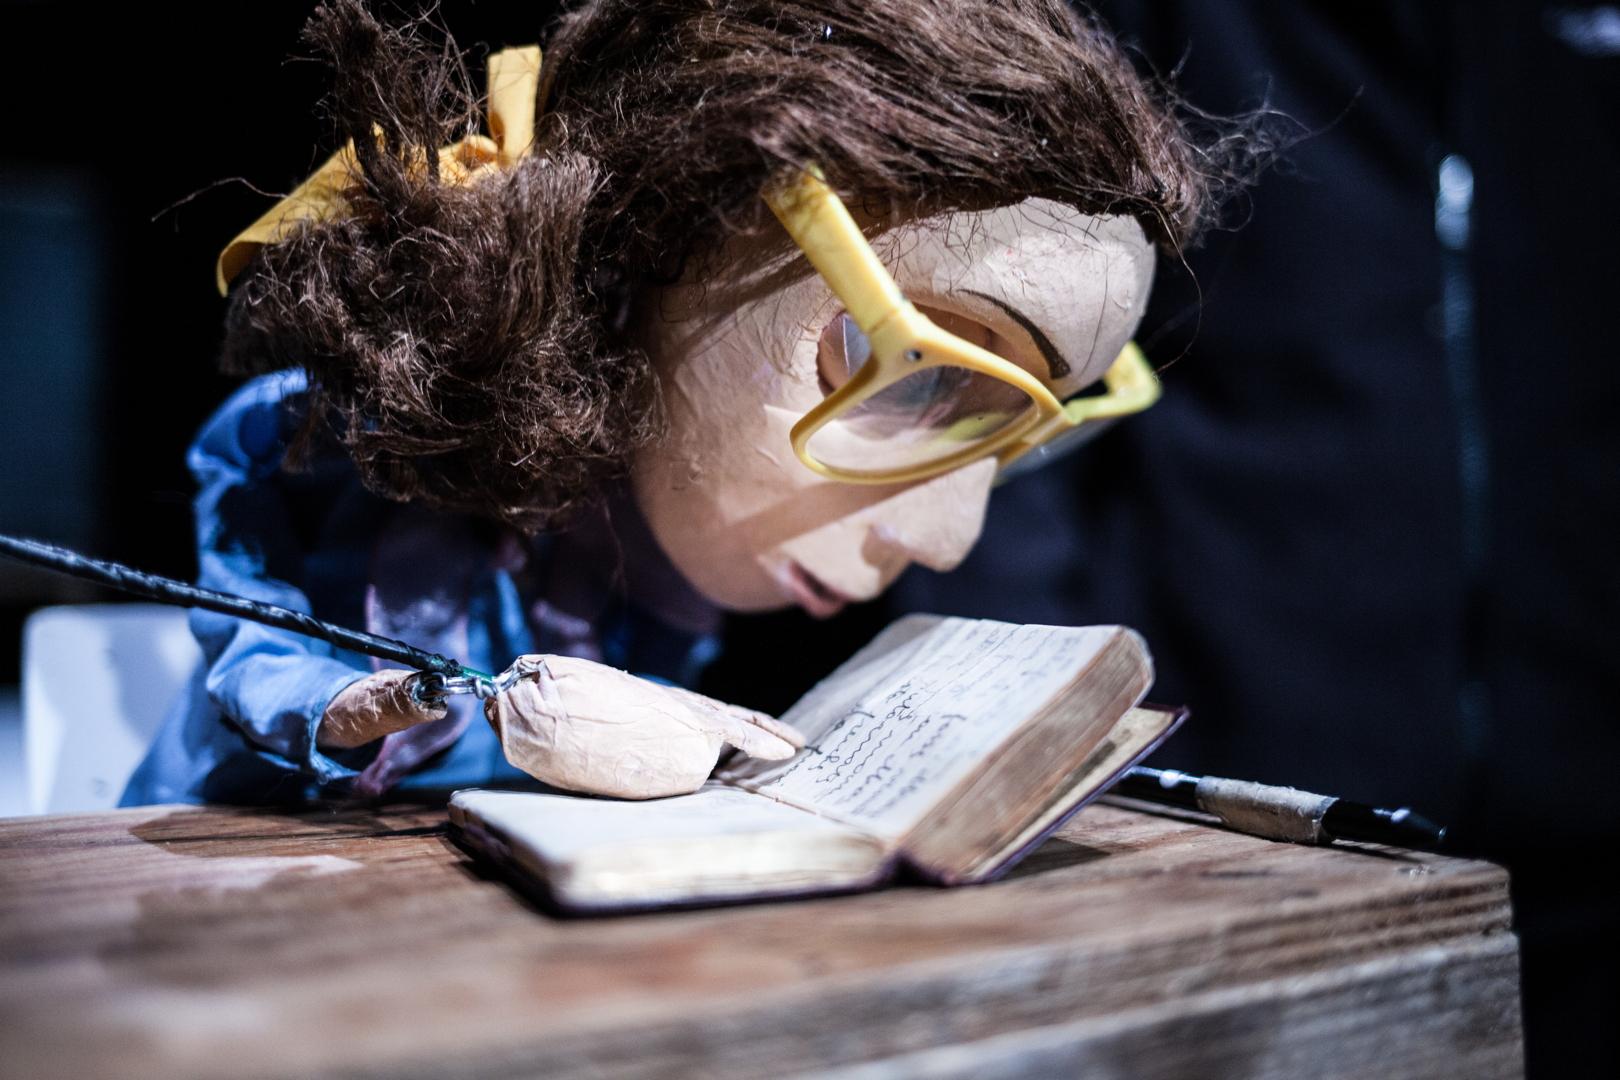 LA CLASSE, un docupuppets per marionette e uomini | Schio Grande Teatro 2019-20